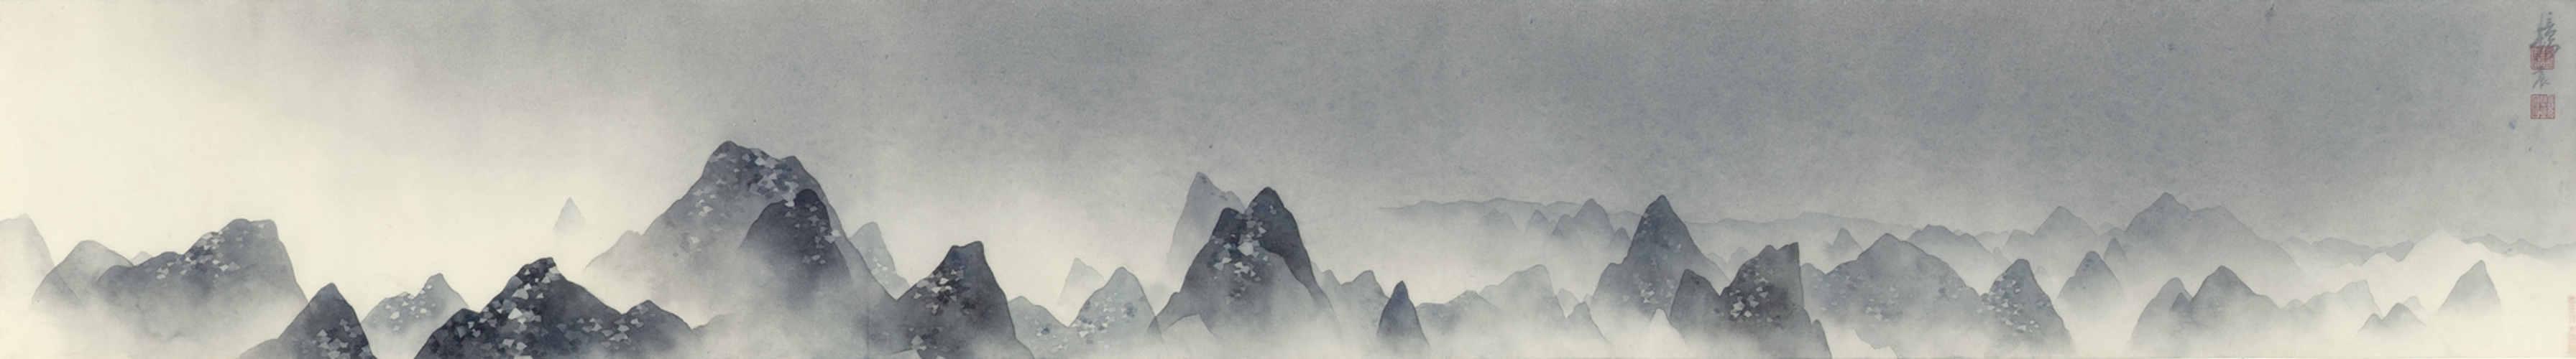 Chan Keng Tin, Misty miles